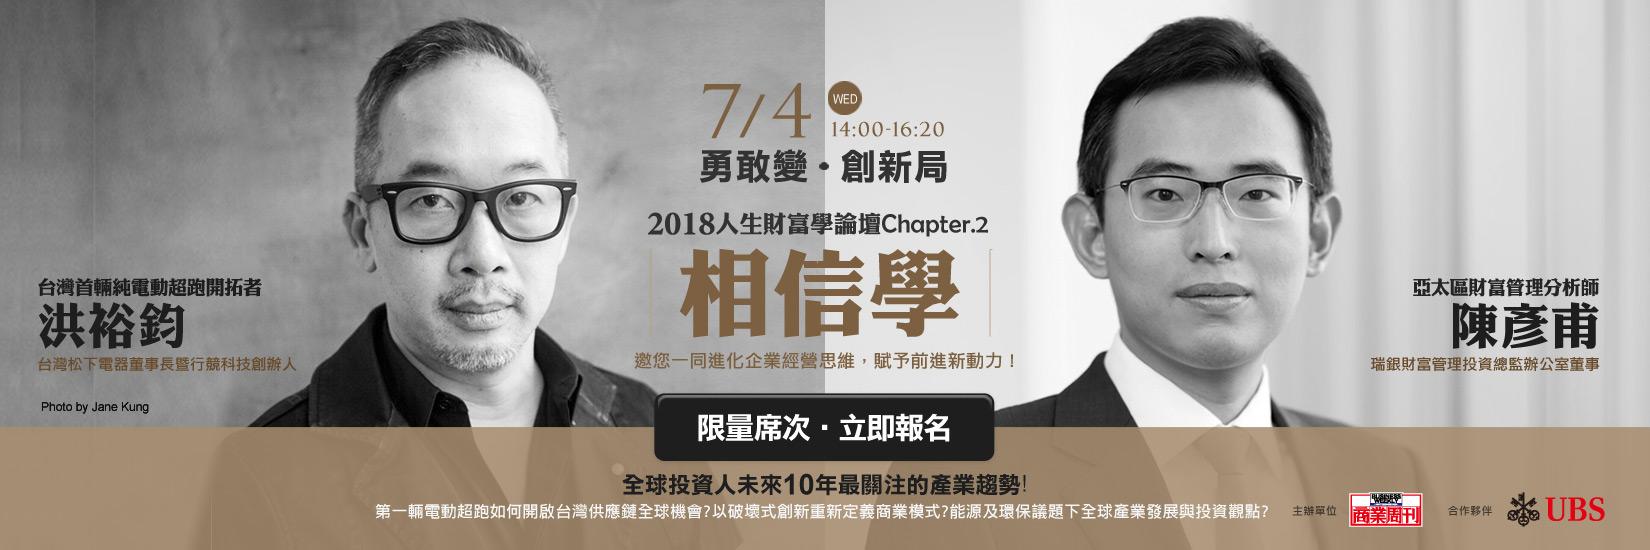 2018人生財富學論壇 7/4【相信學】